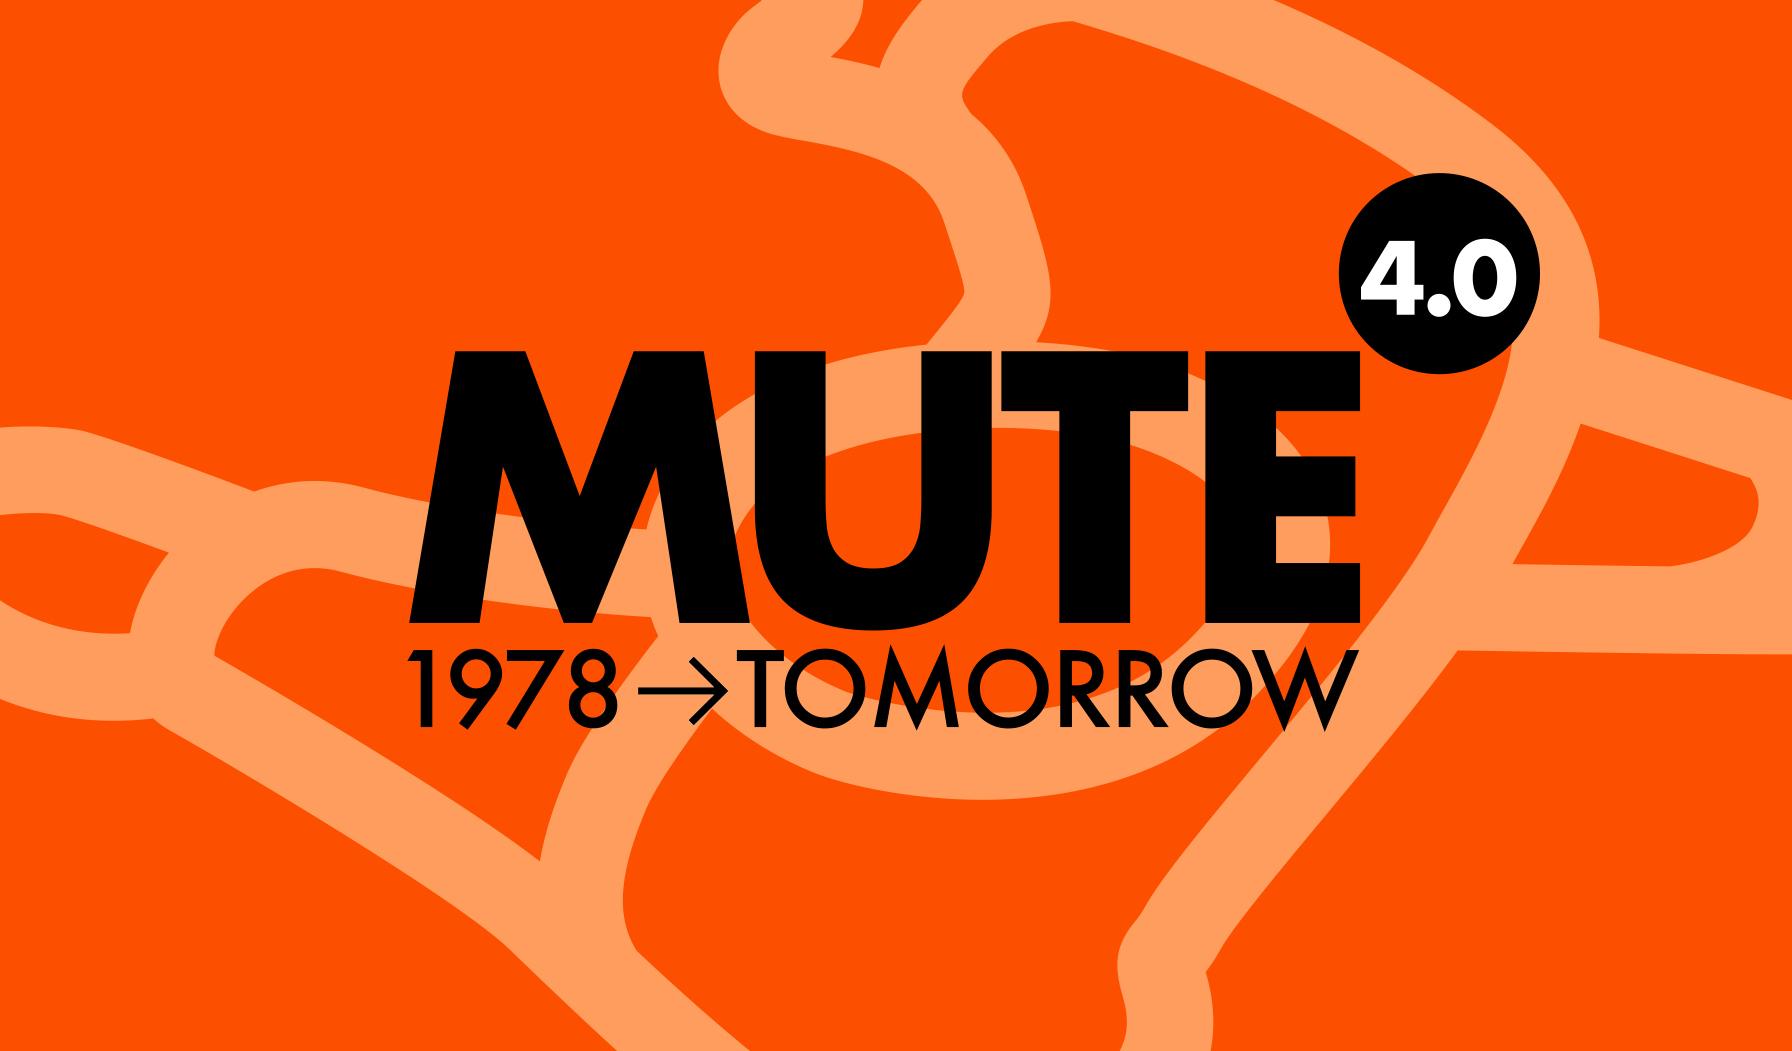 MUTE4.0